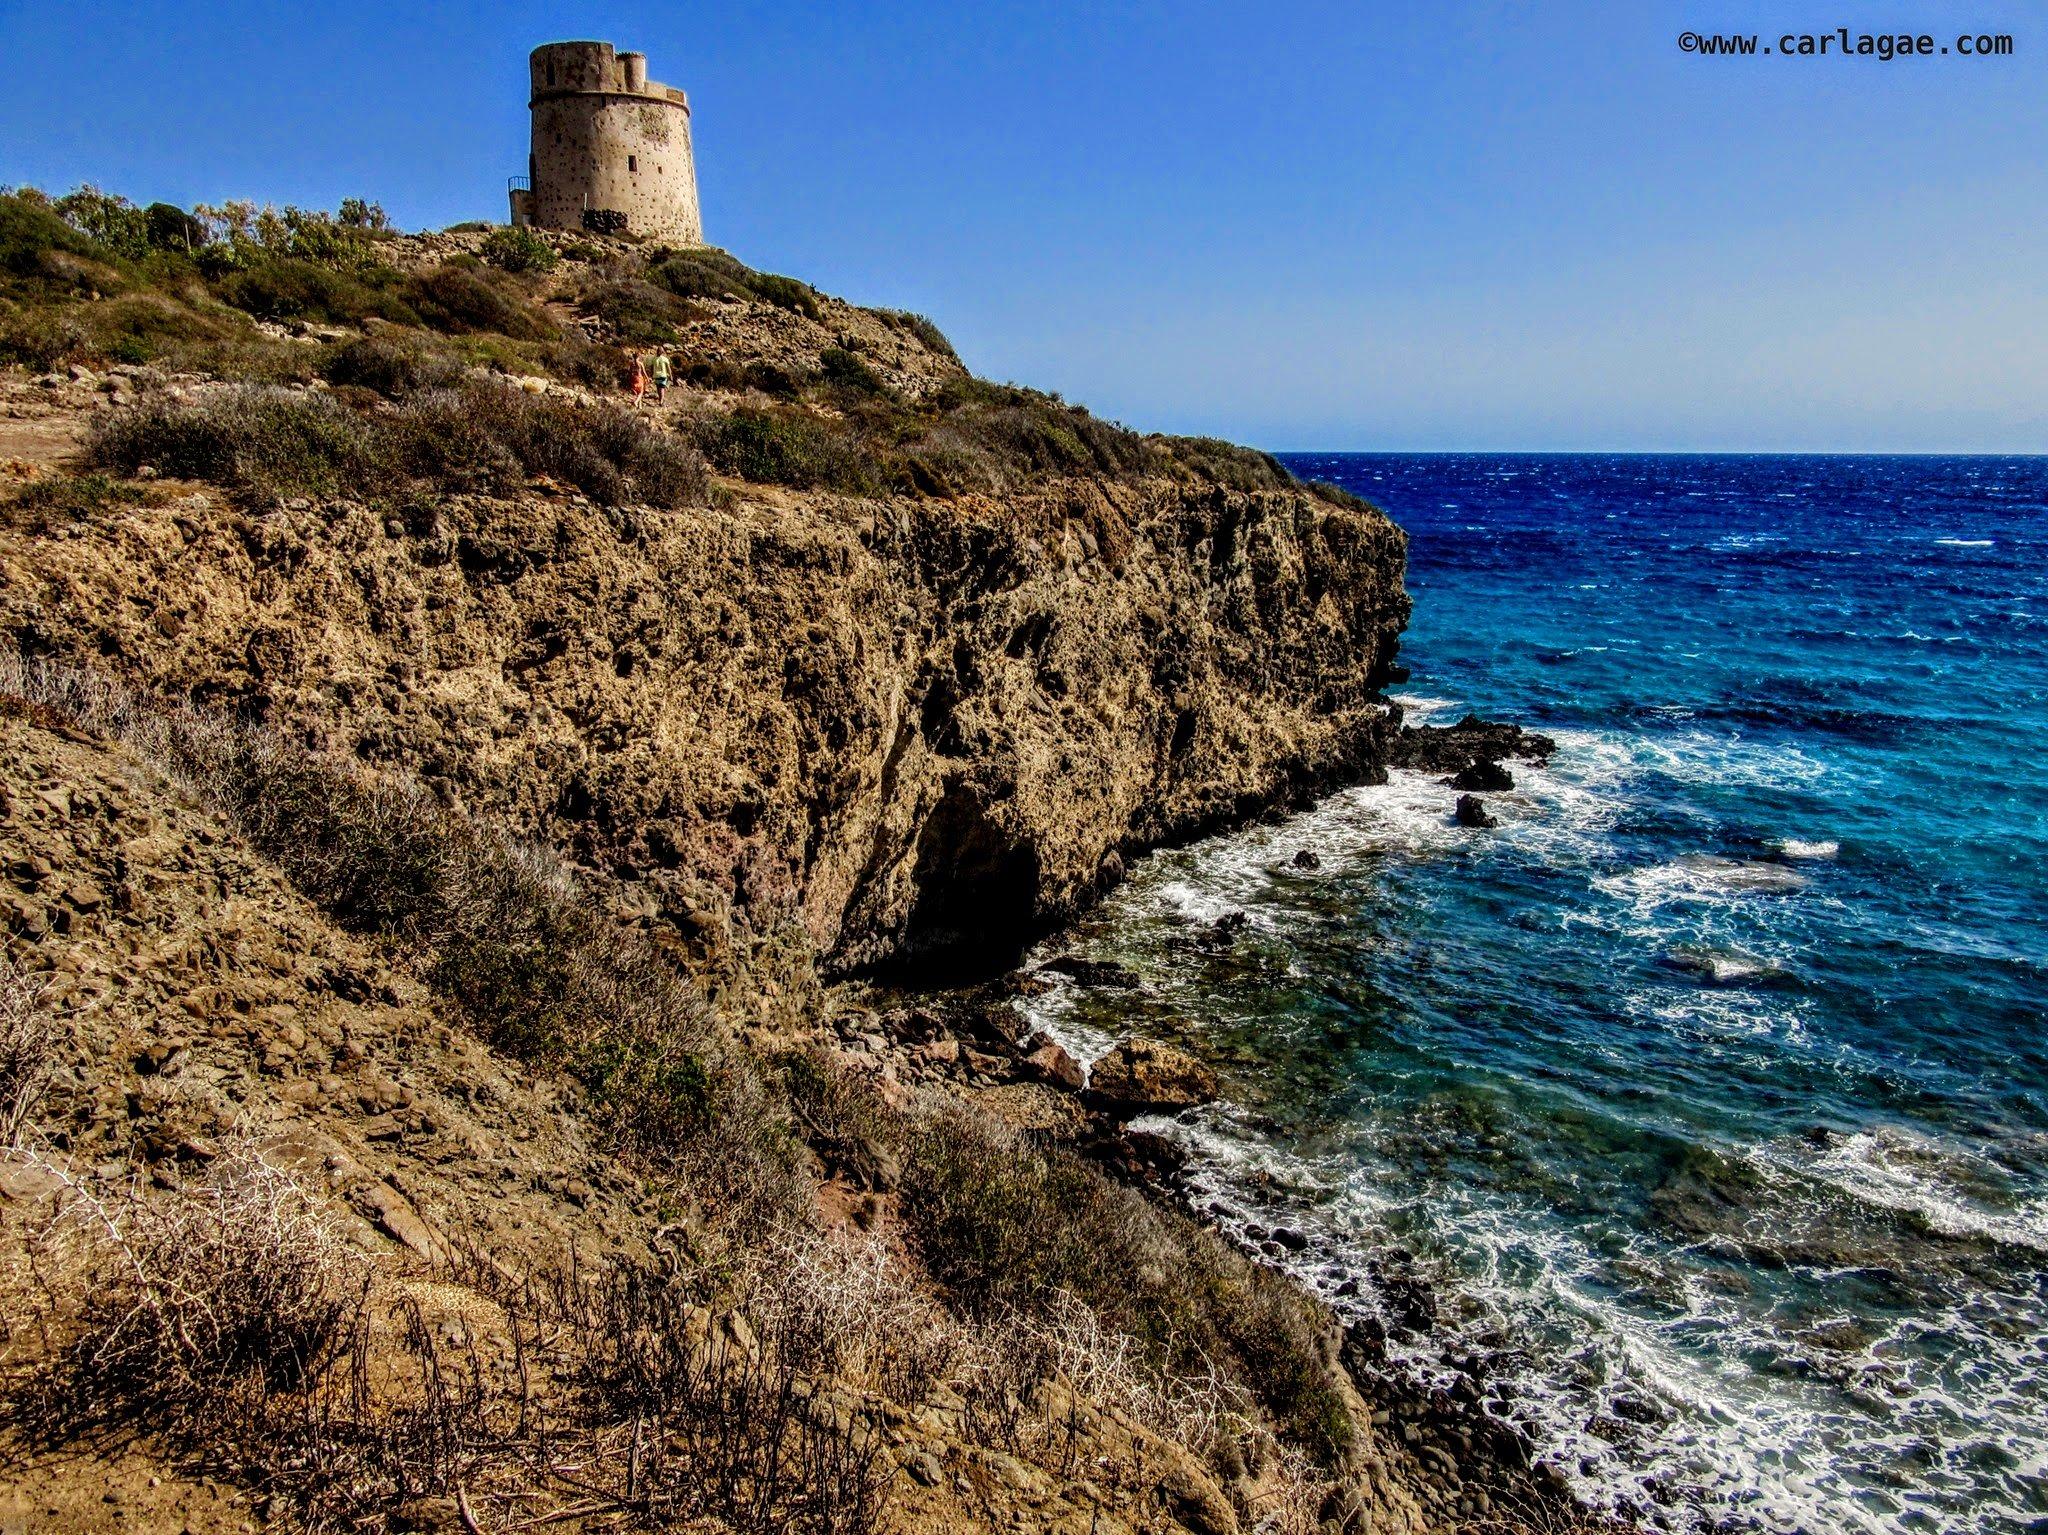 trekking-delle-isole-del-sud-sardegna-torre-cannai-isola-di-santantioco